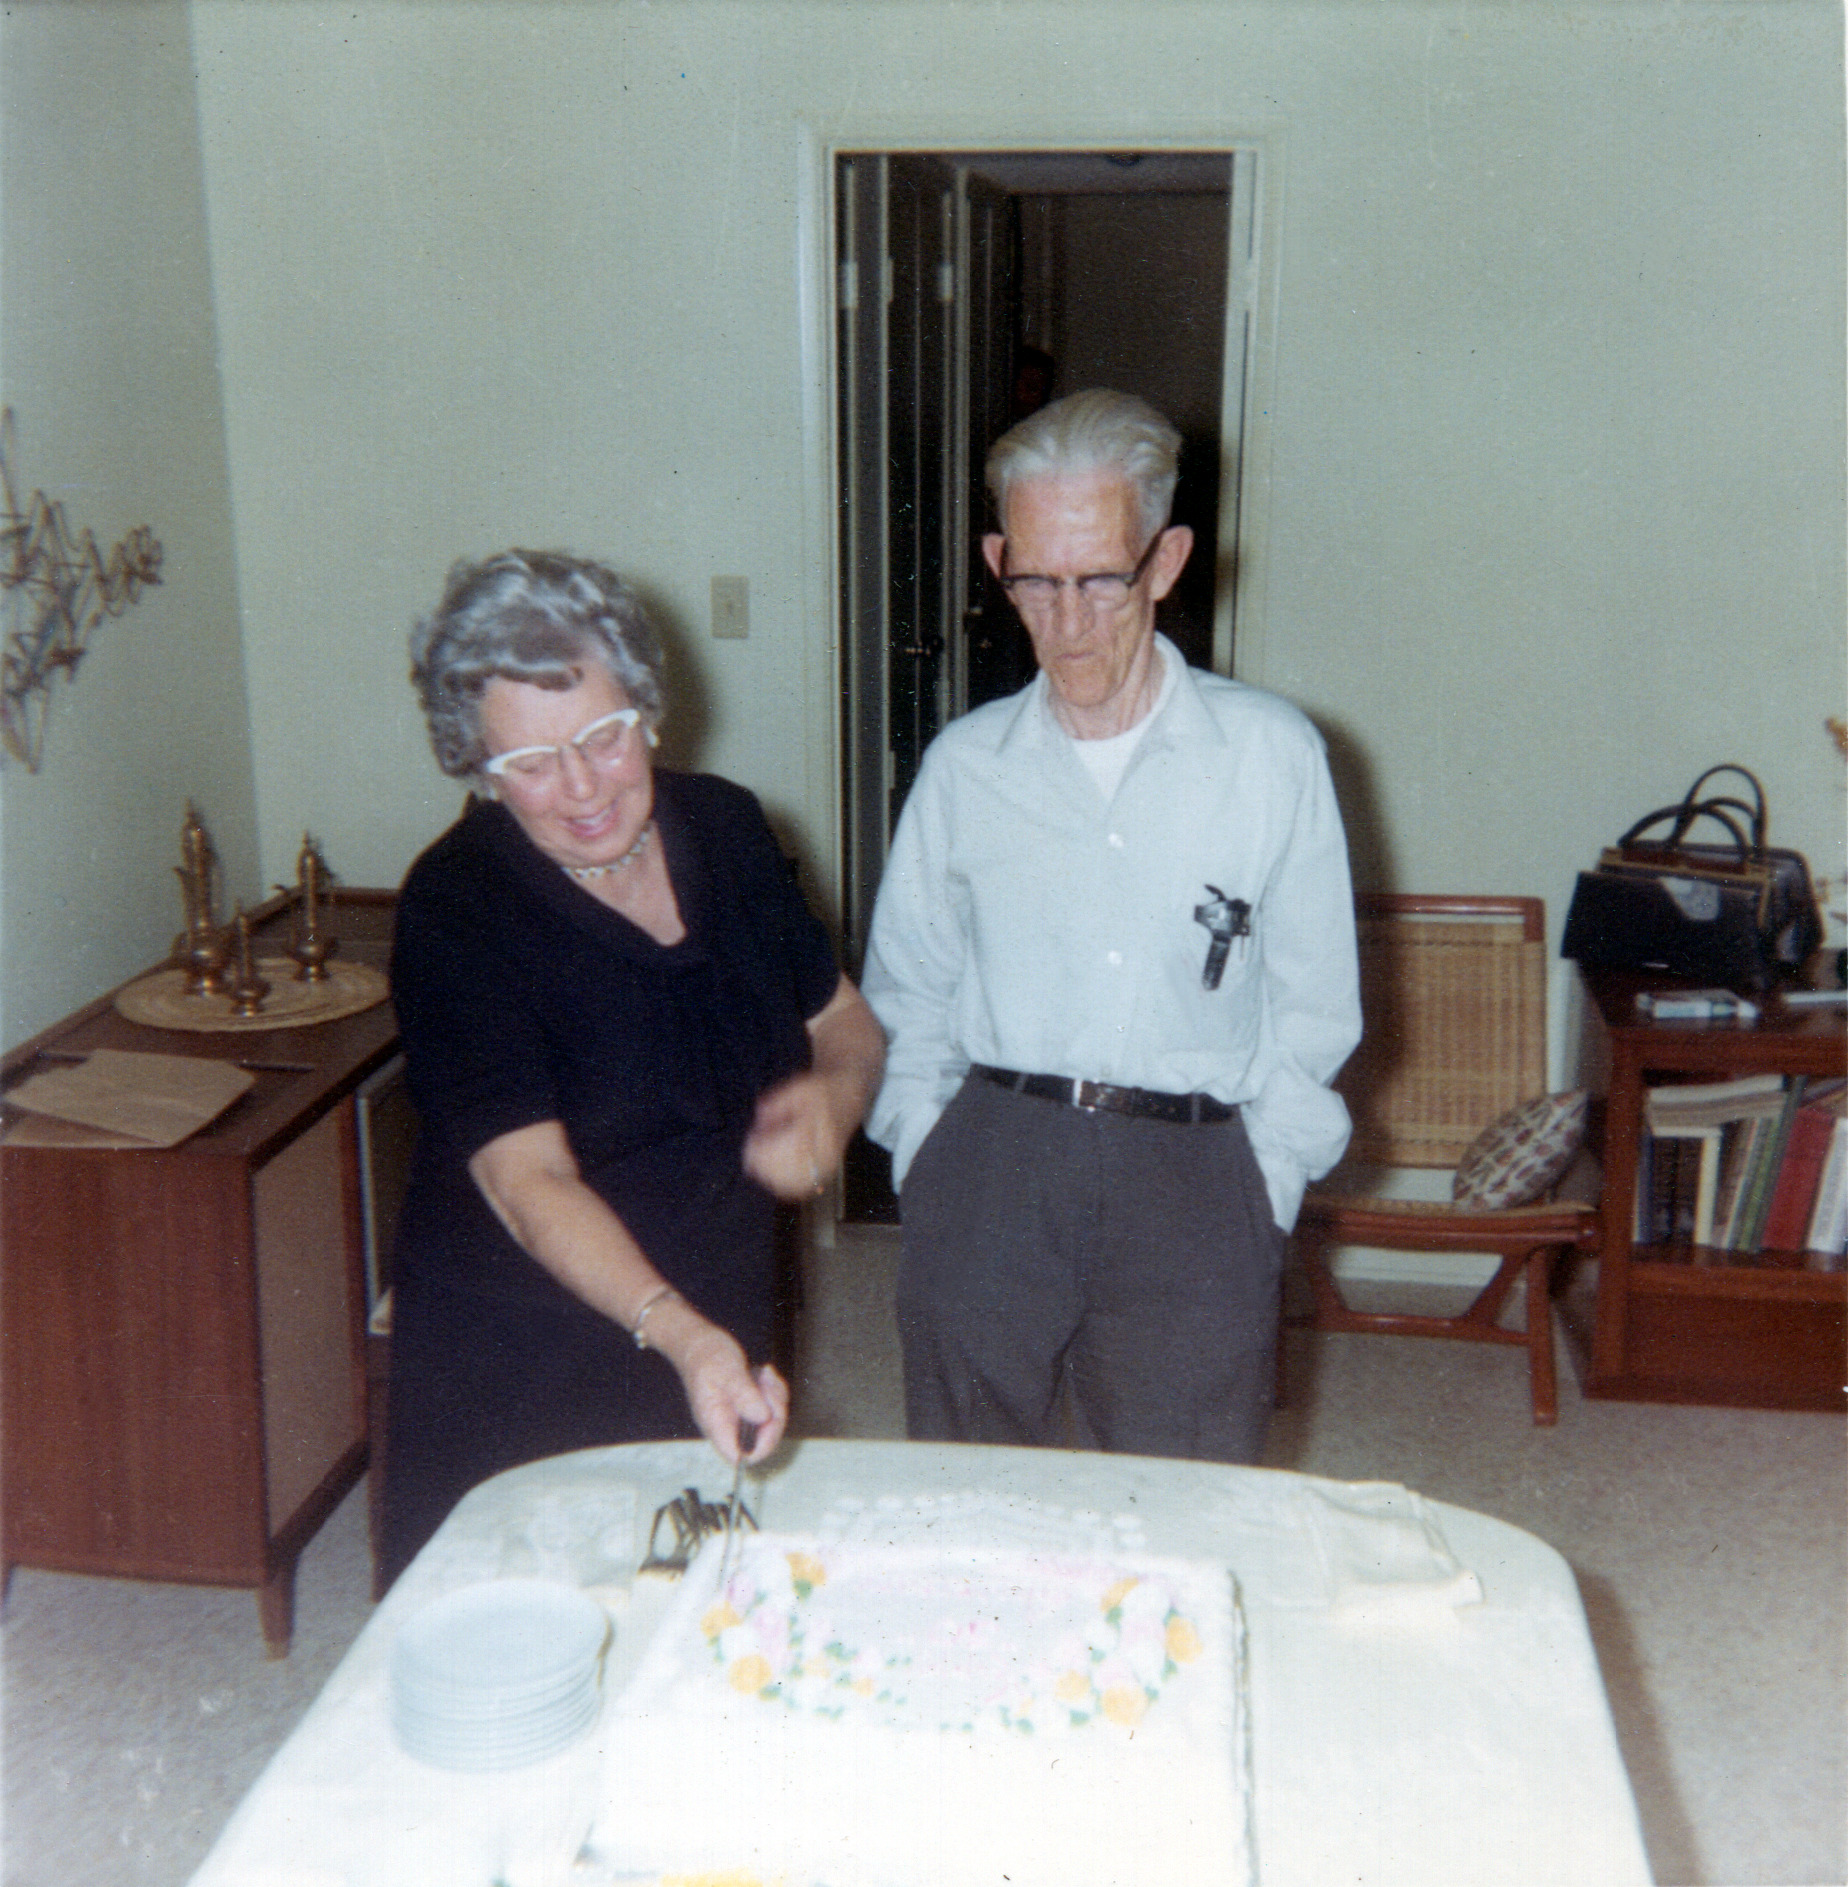 Grandma & Grandpa Phillips Cake - After